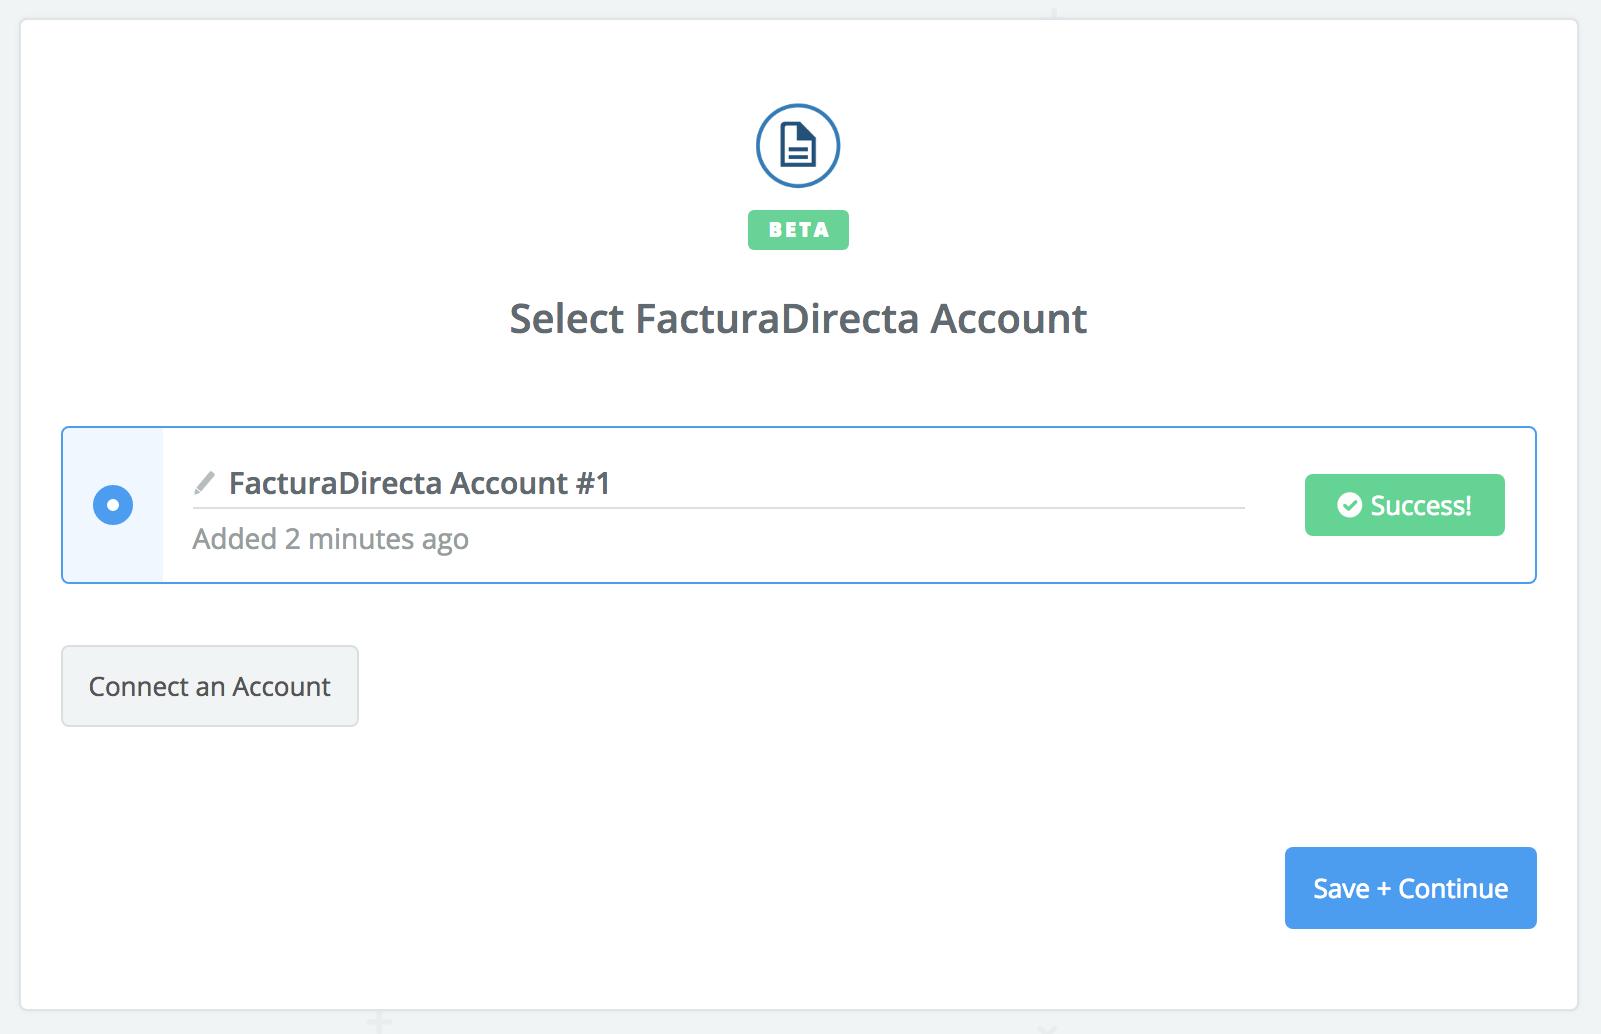 FacturaDirecta connection successfull